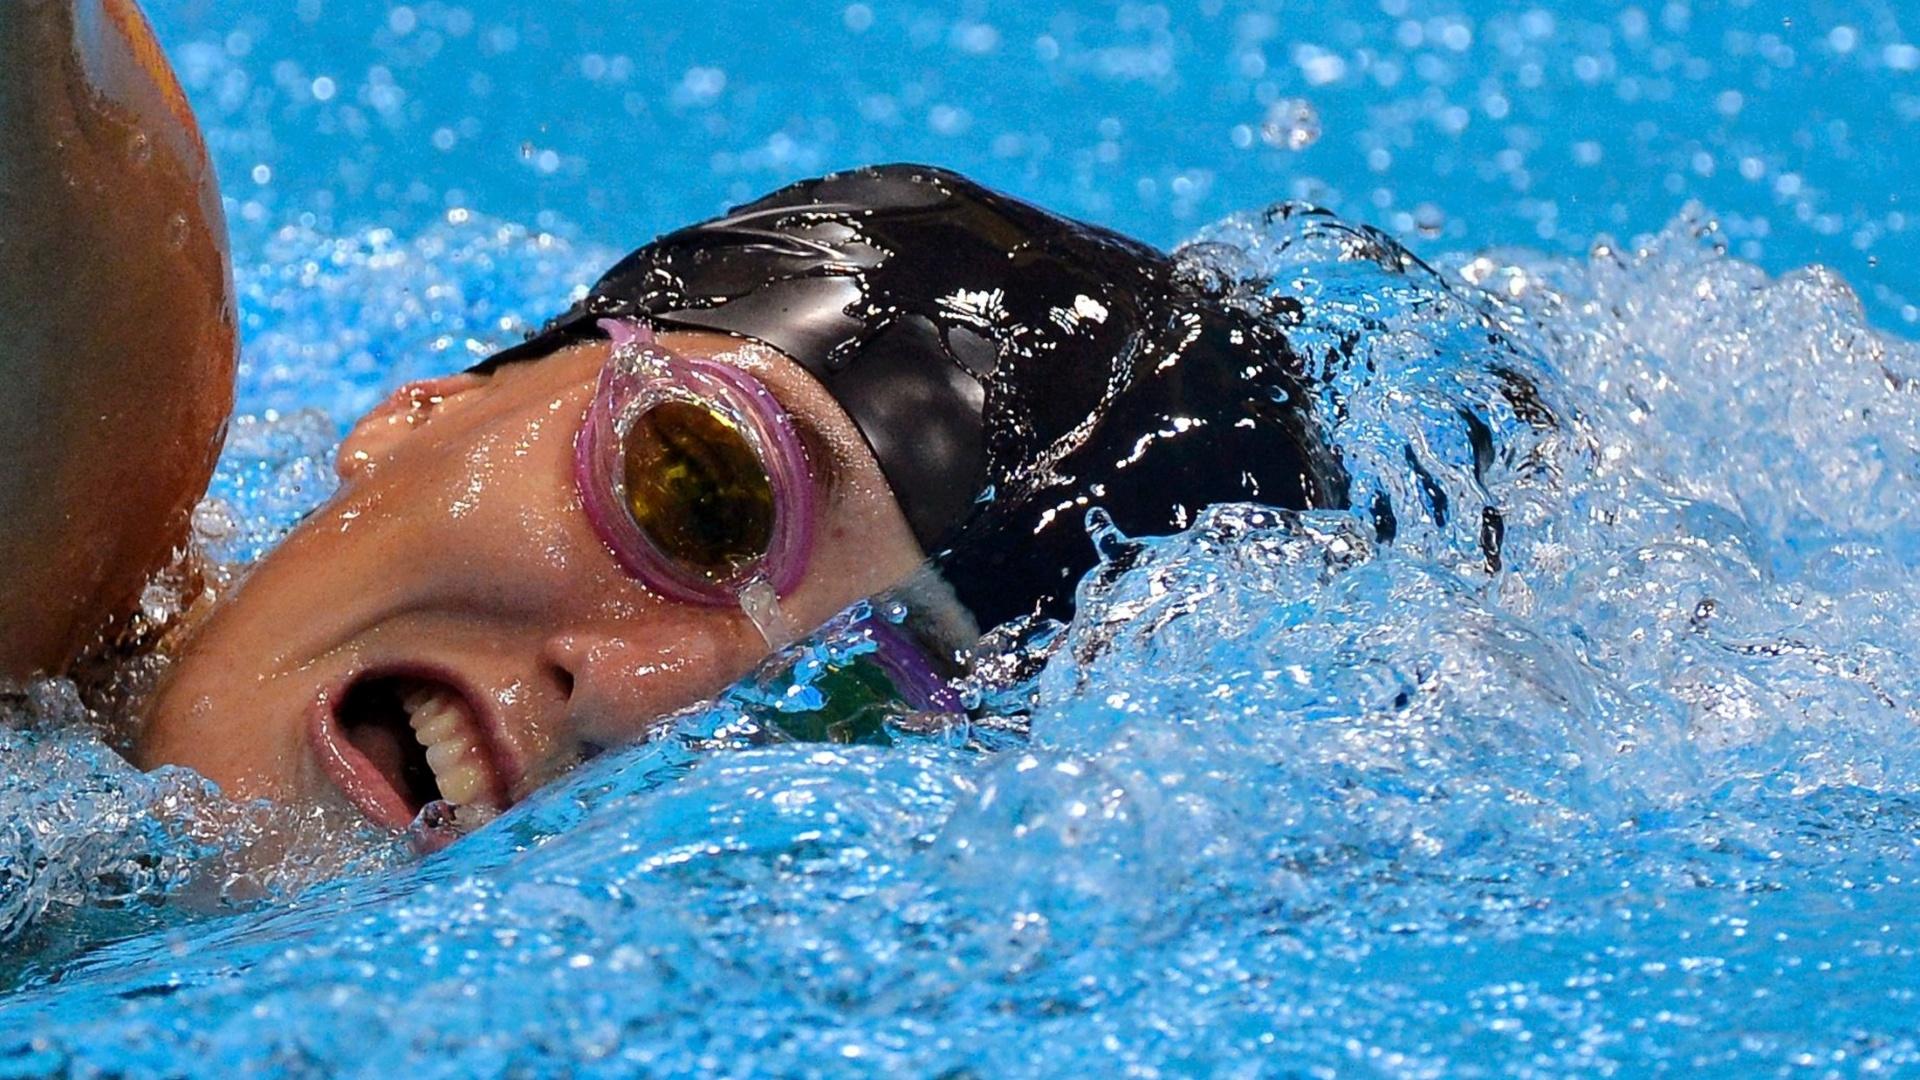 Norte-americana Suzanne Stettinius compete nos 200 m livre de natação, segunda prova do pentatlo